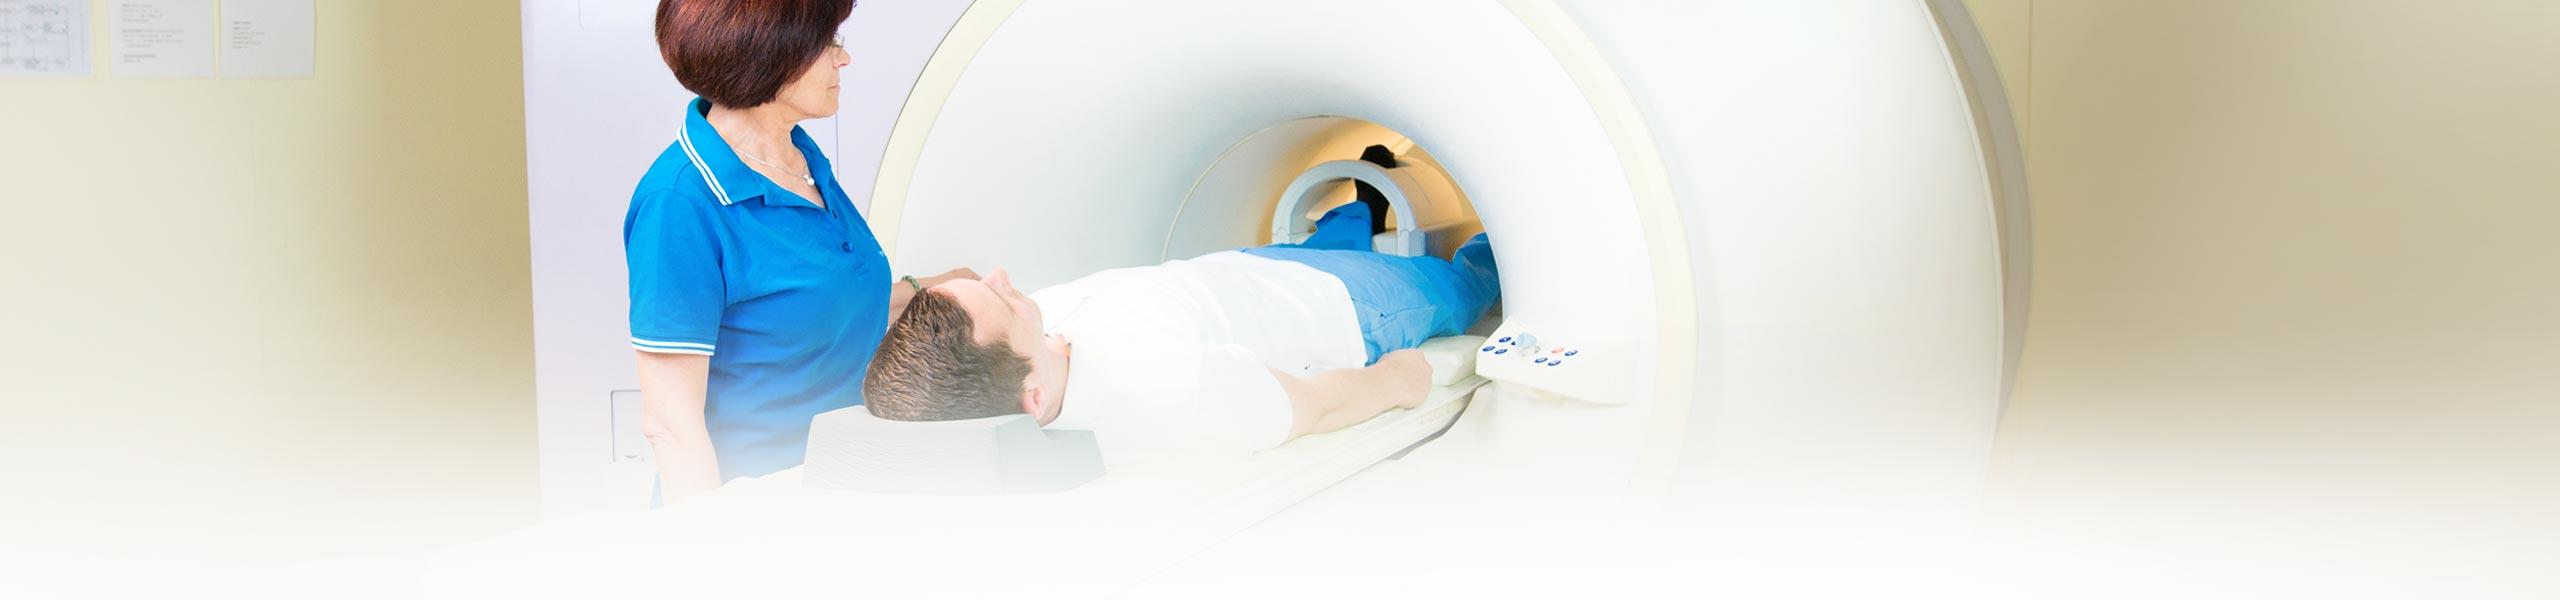 sportopaedie heidelberg radiologie mrt header